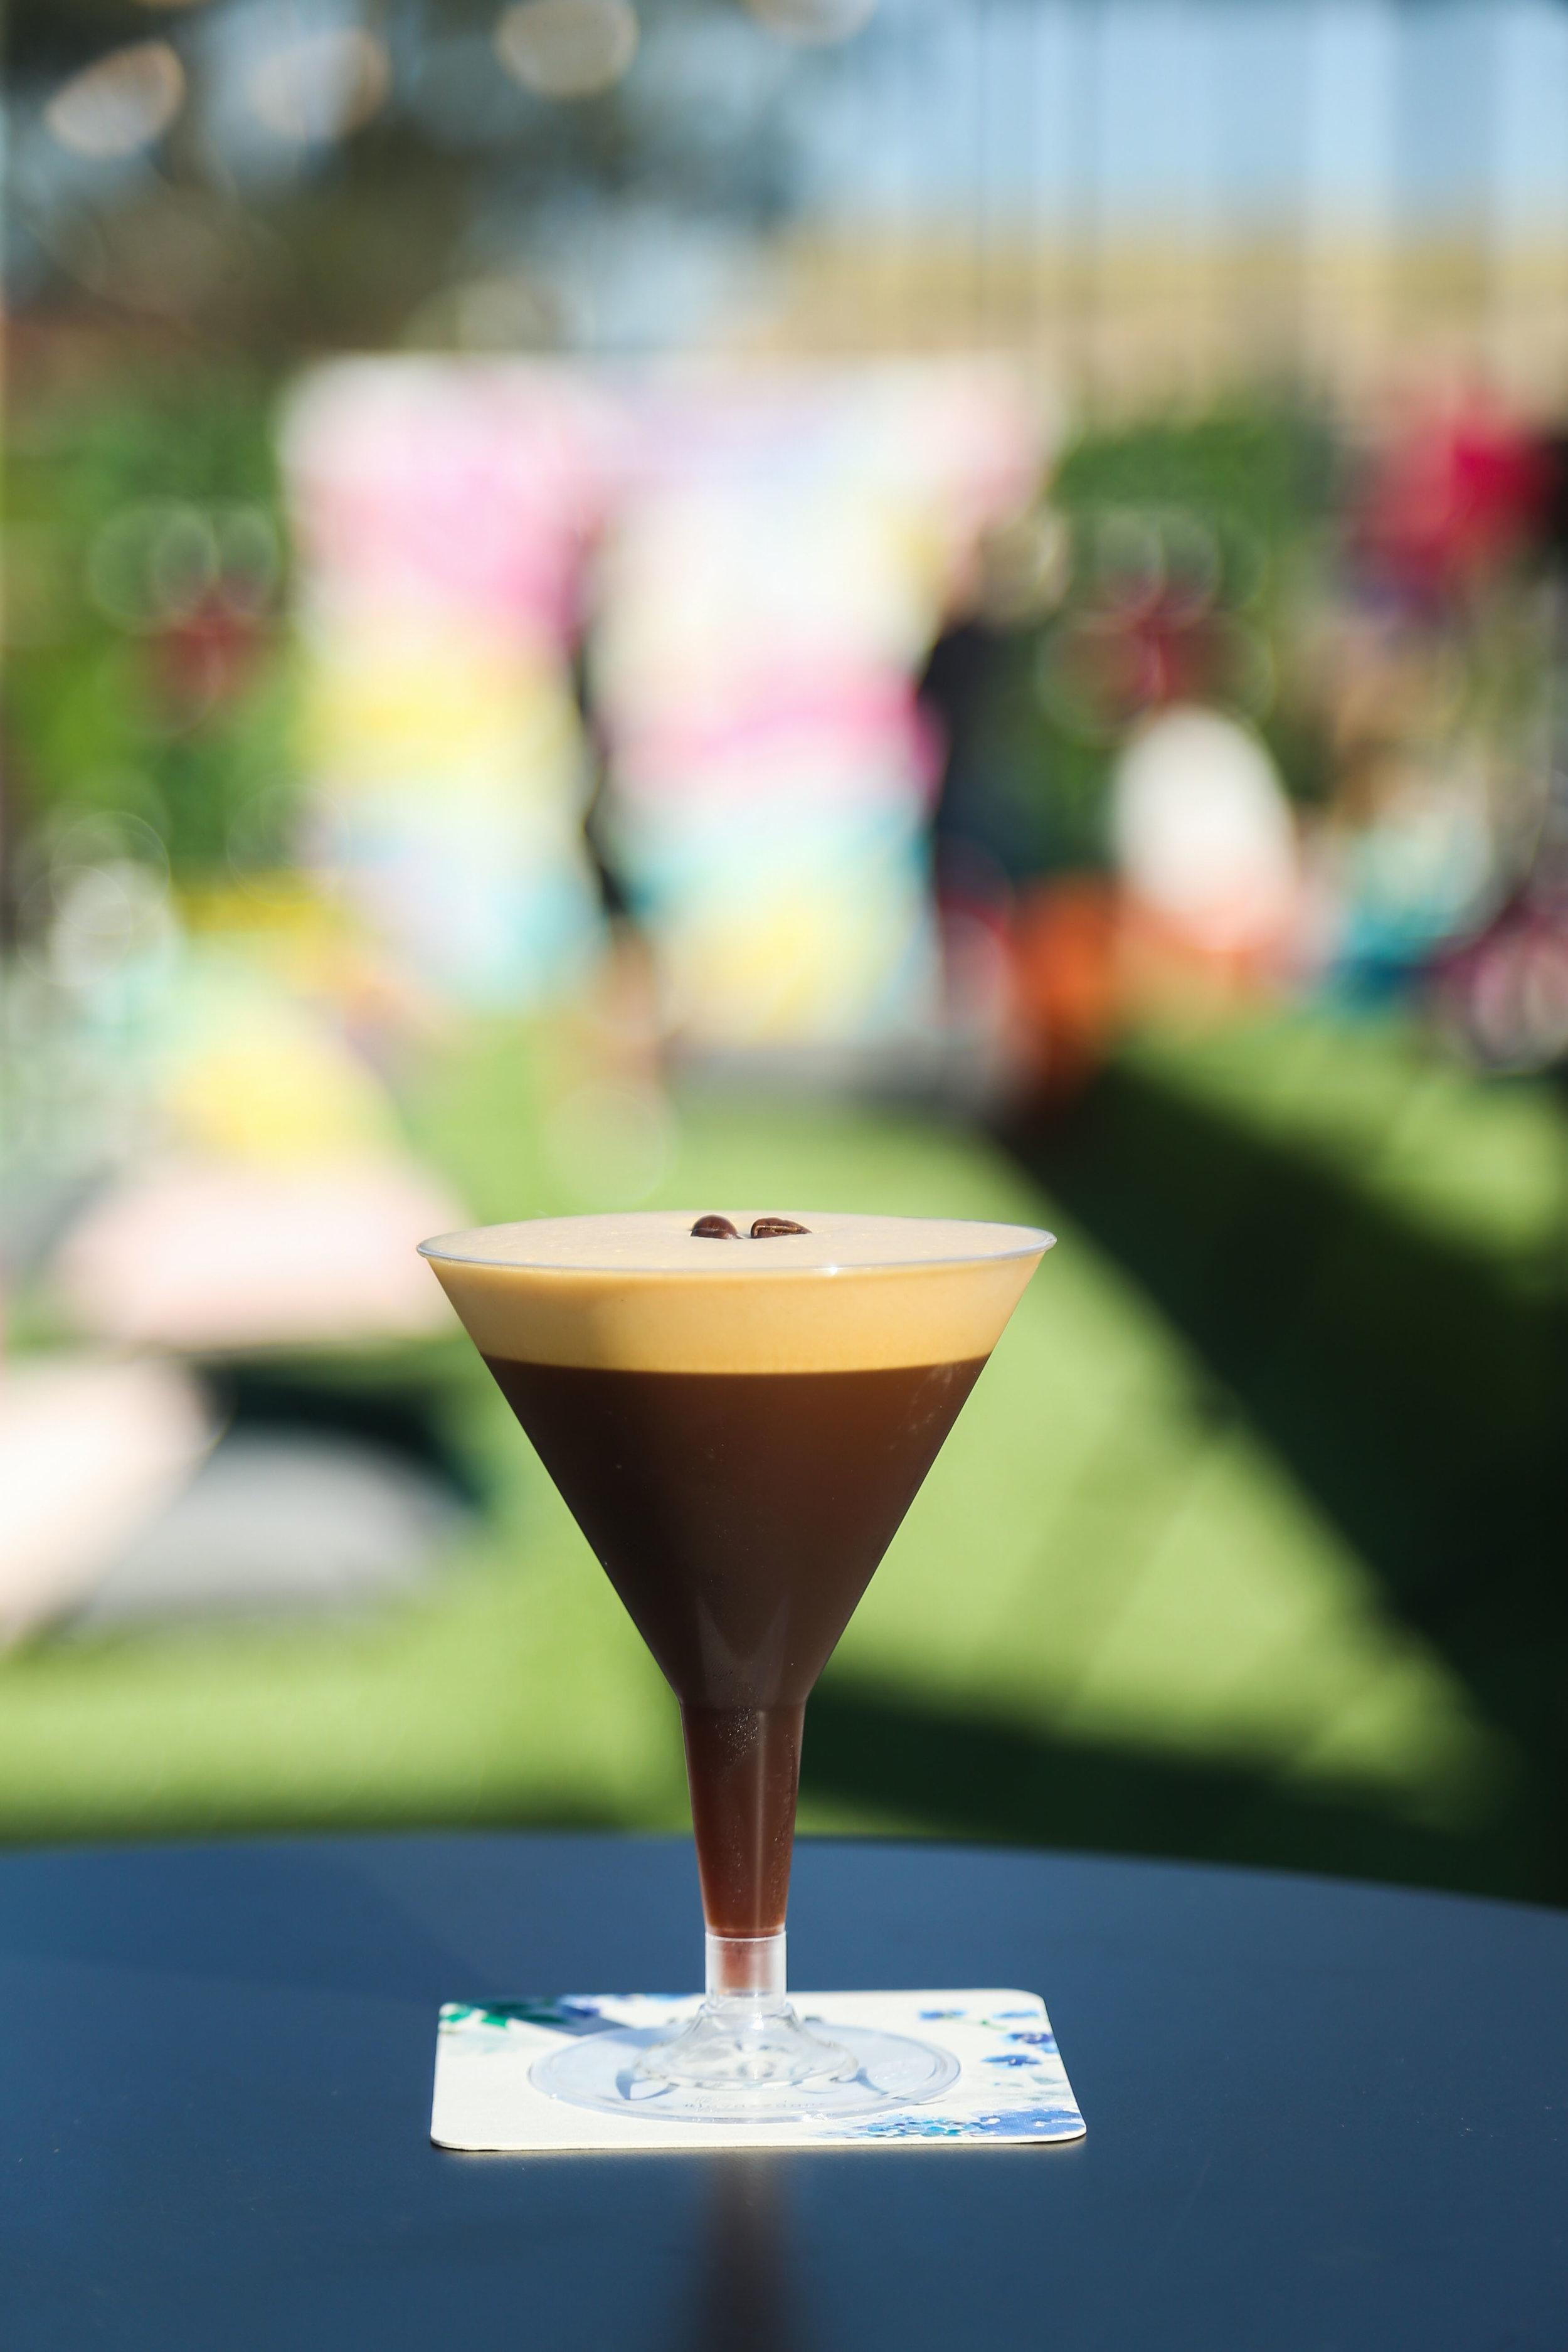 lavazza-vamff-2017-day-1-espresso-martini-cocktail.jpg